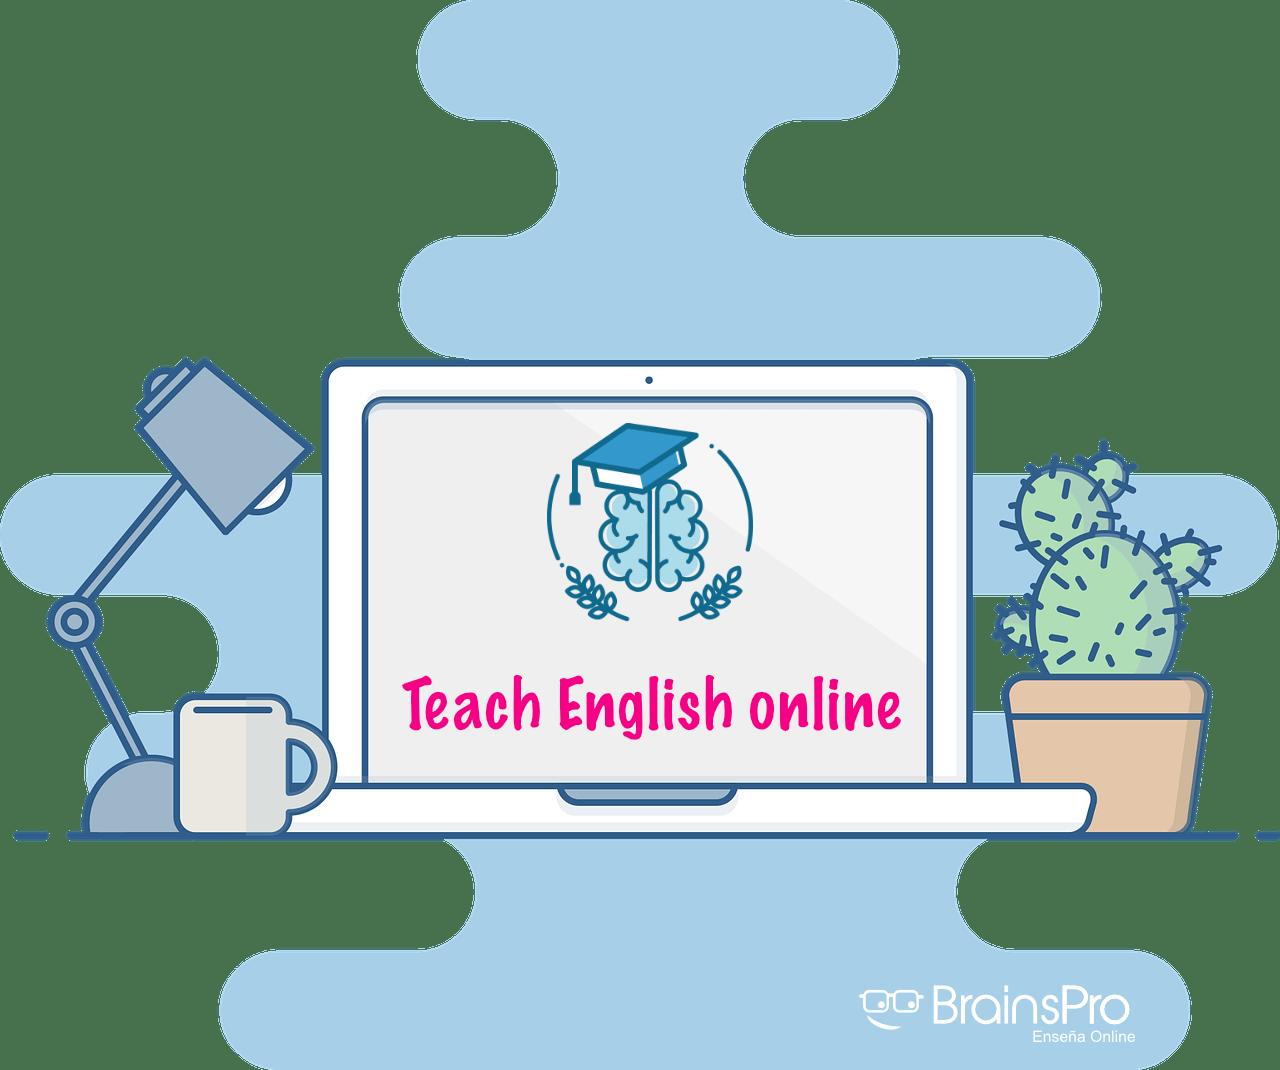 Crea tu propia academia online de inglés en 24 horas 1